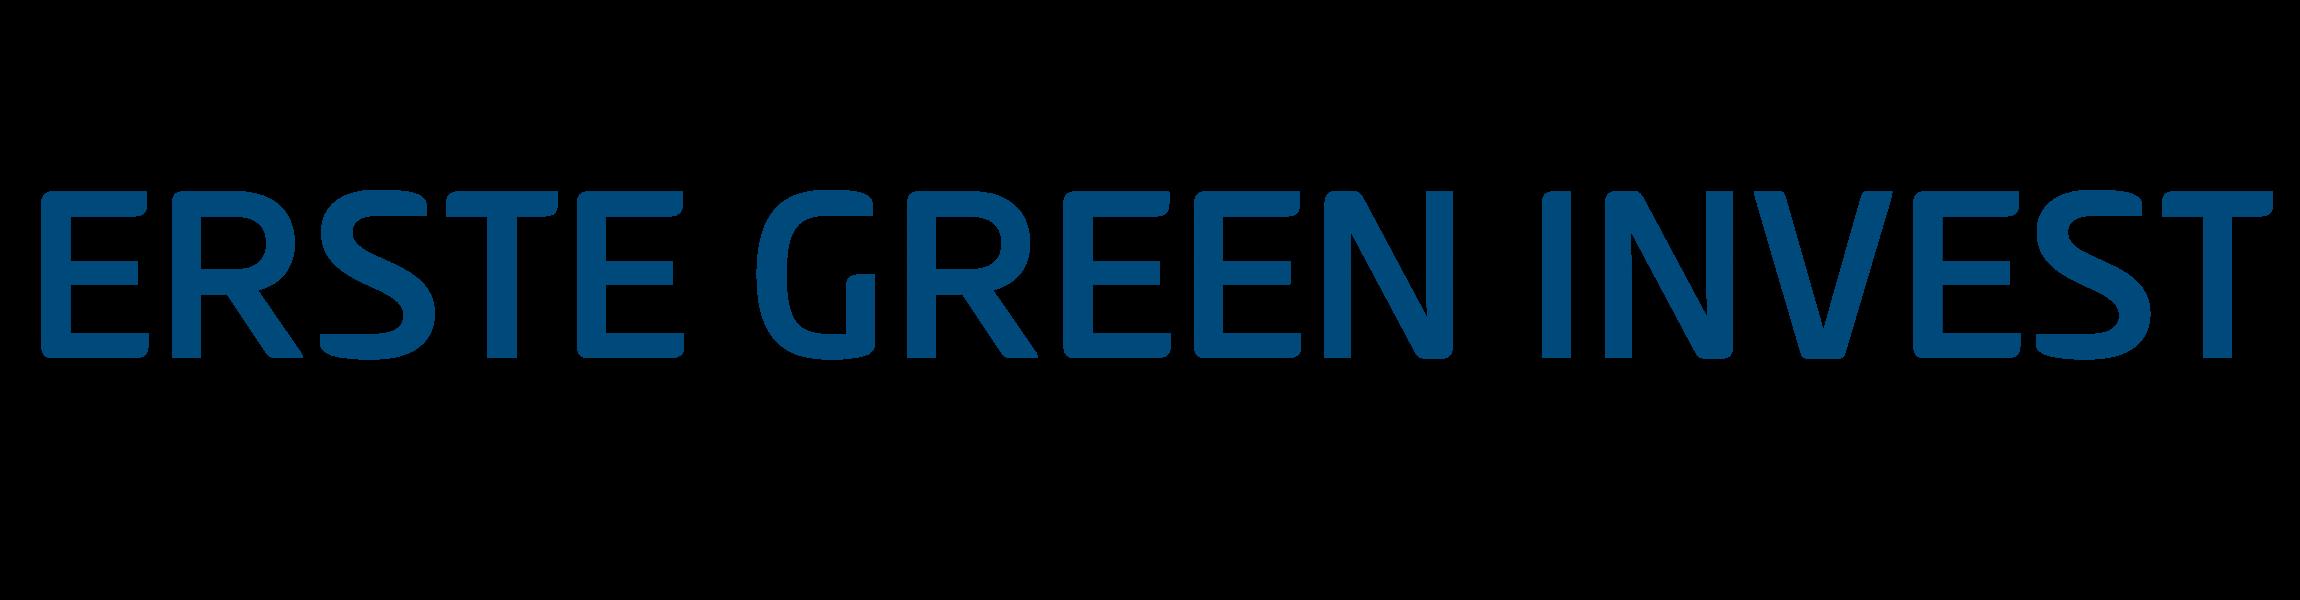 ERSTE GREEN INVEST